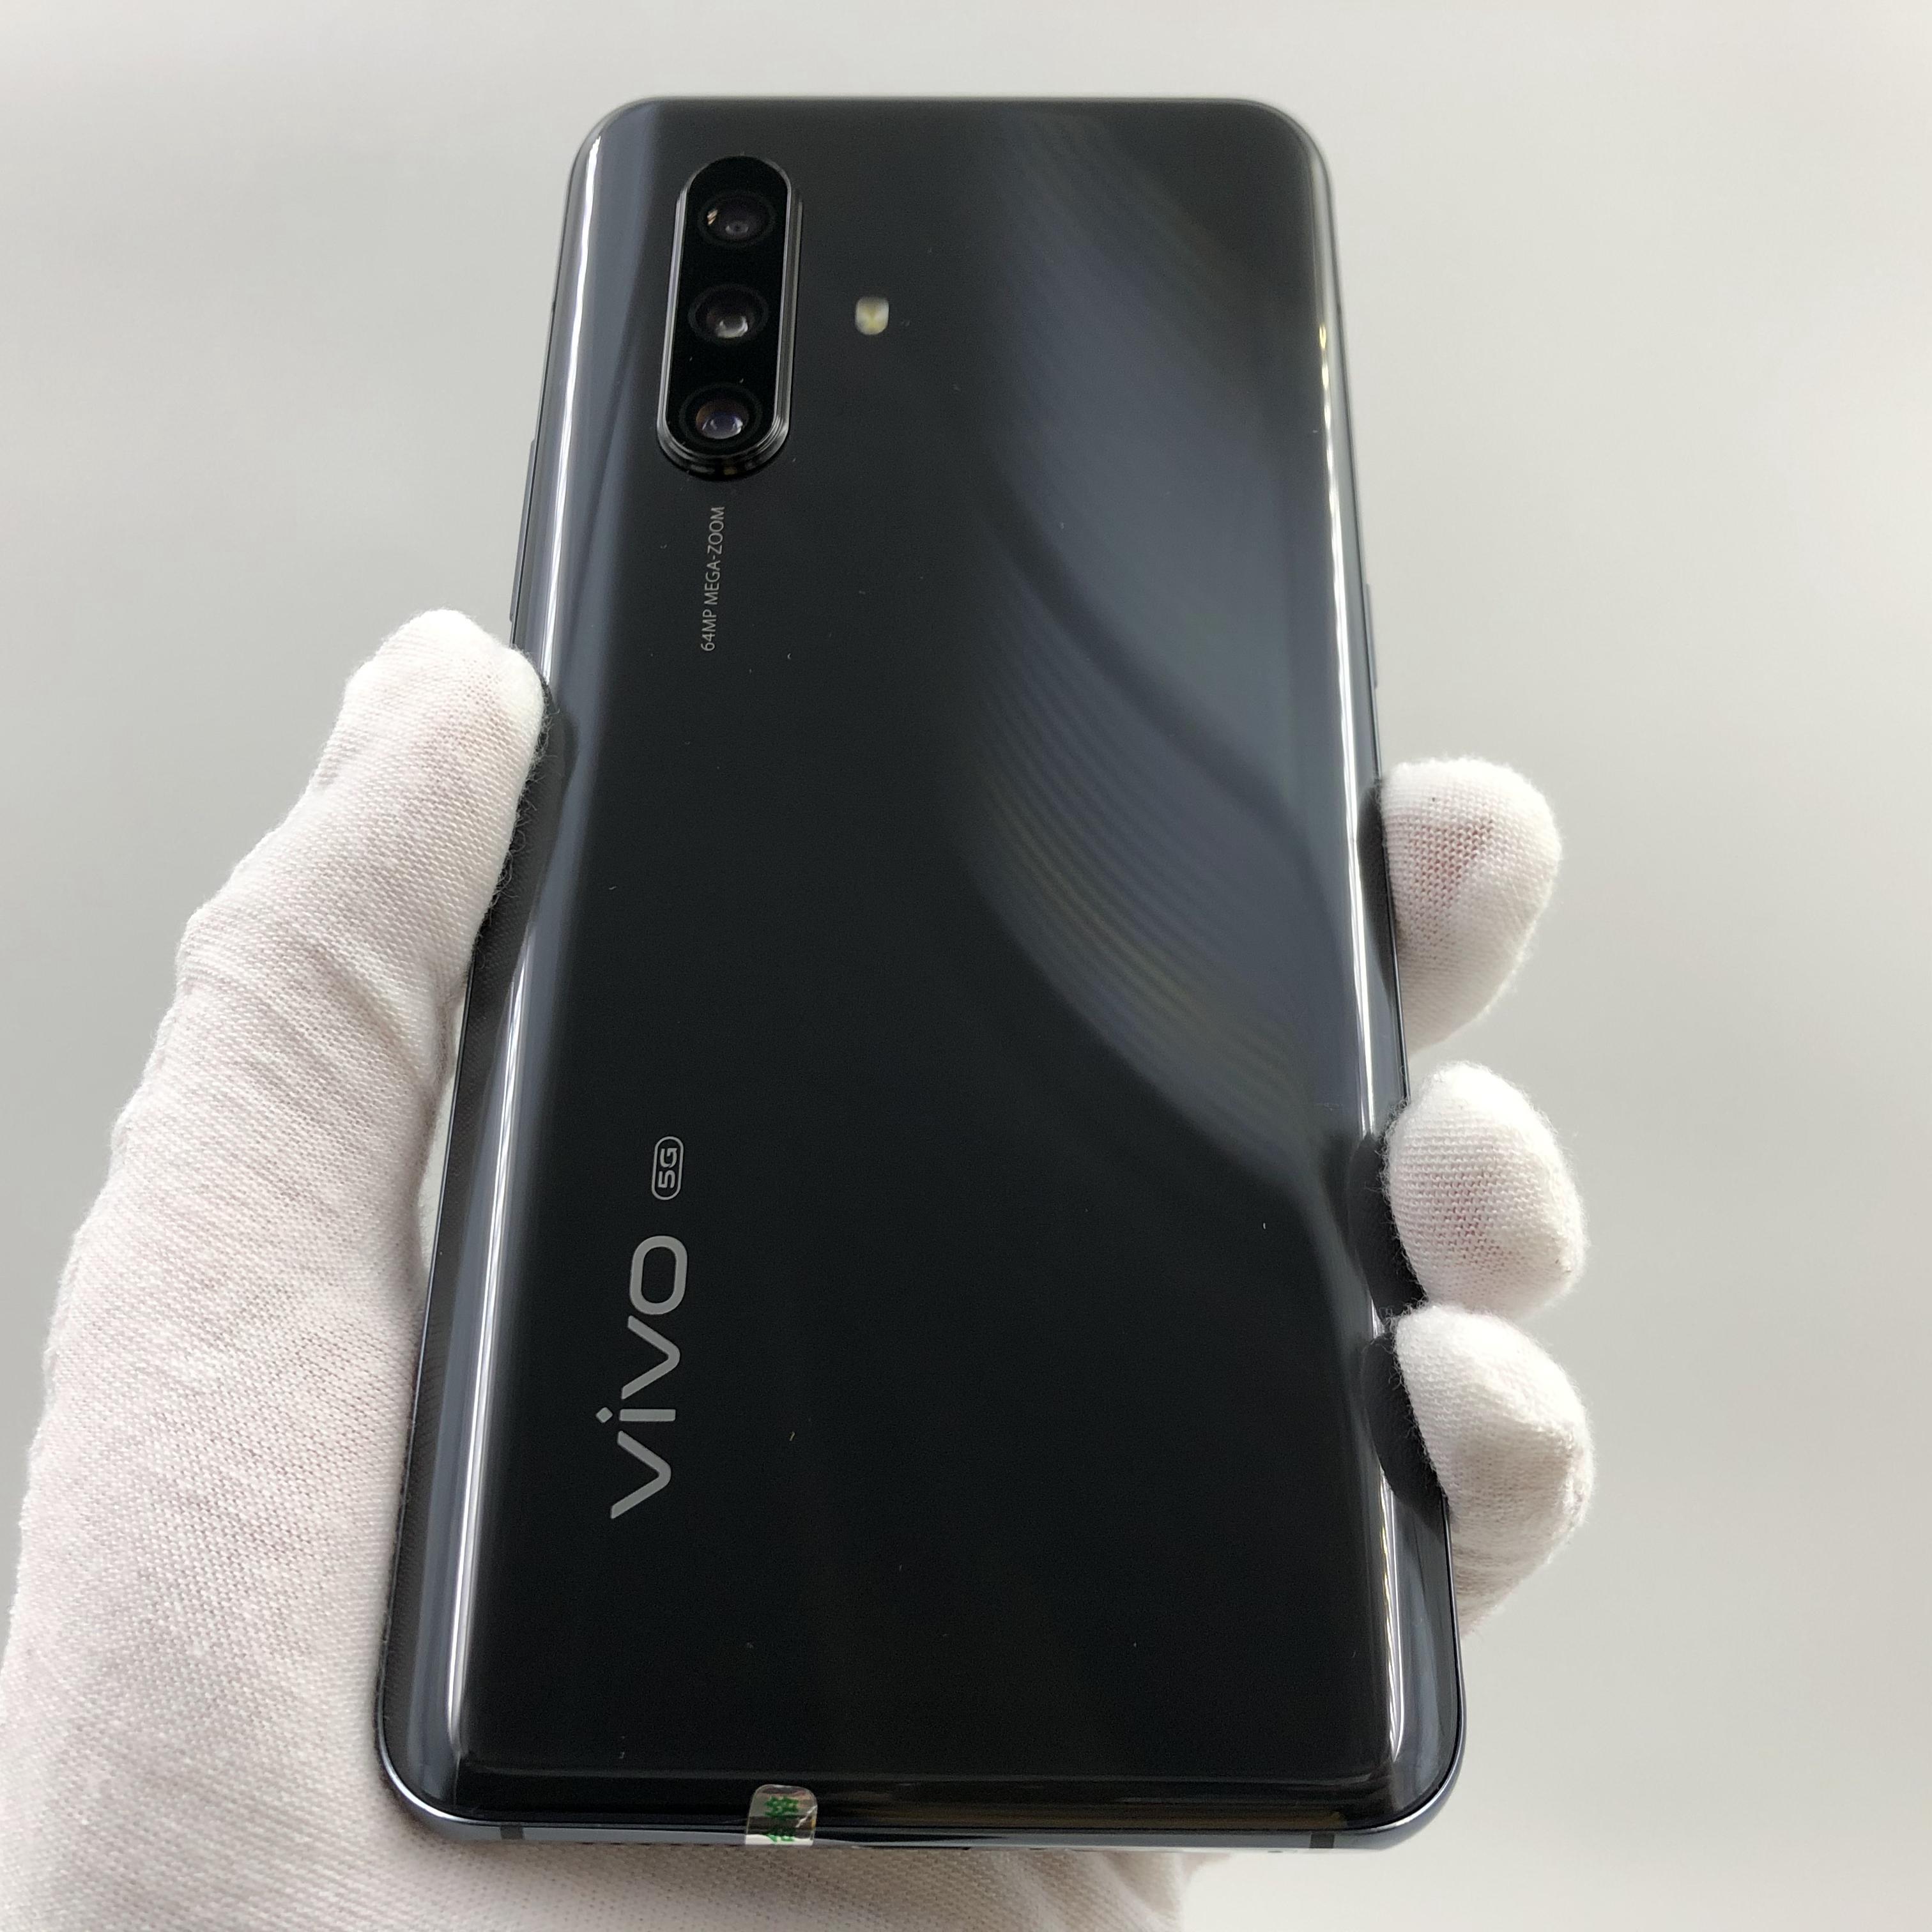 vivo【X30 5G】移动5G 耀石黑 8G/128G 国行 8成新 真机实拍